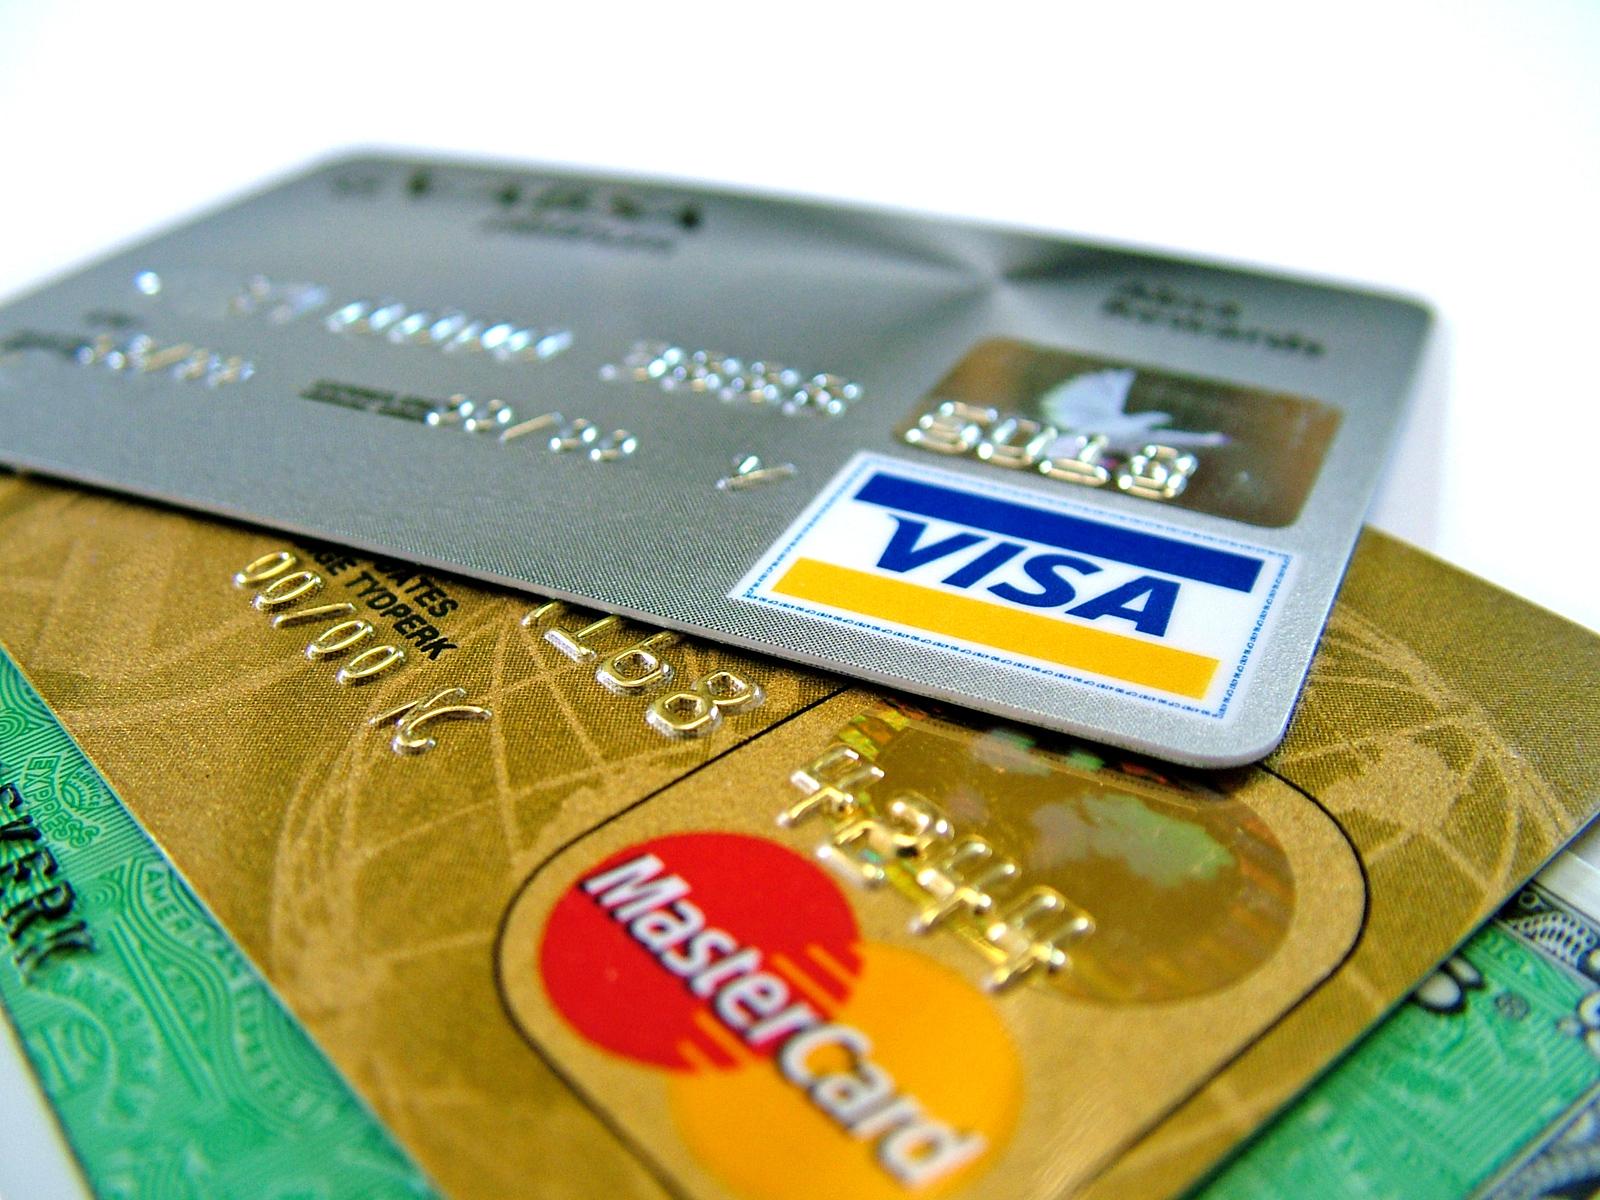 Roban una tarjeta de crédito para comprar por Internet